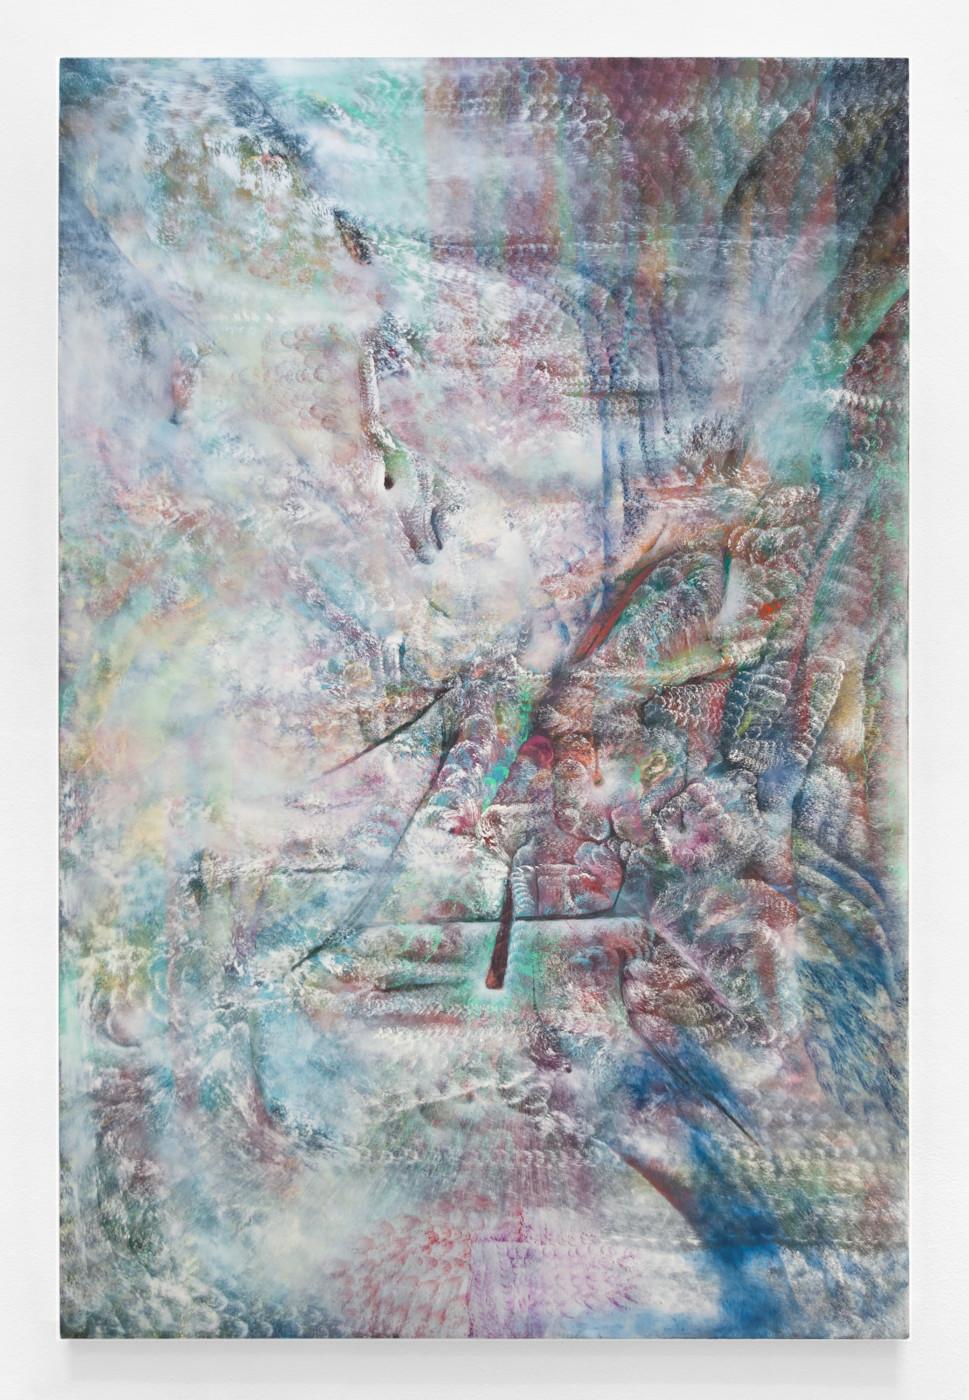 LUCY BULL  Deep Balm , 2020 Oil on linen 152.4 x 101.6 cm / 60 x 40 in - High Art Gallery Paris